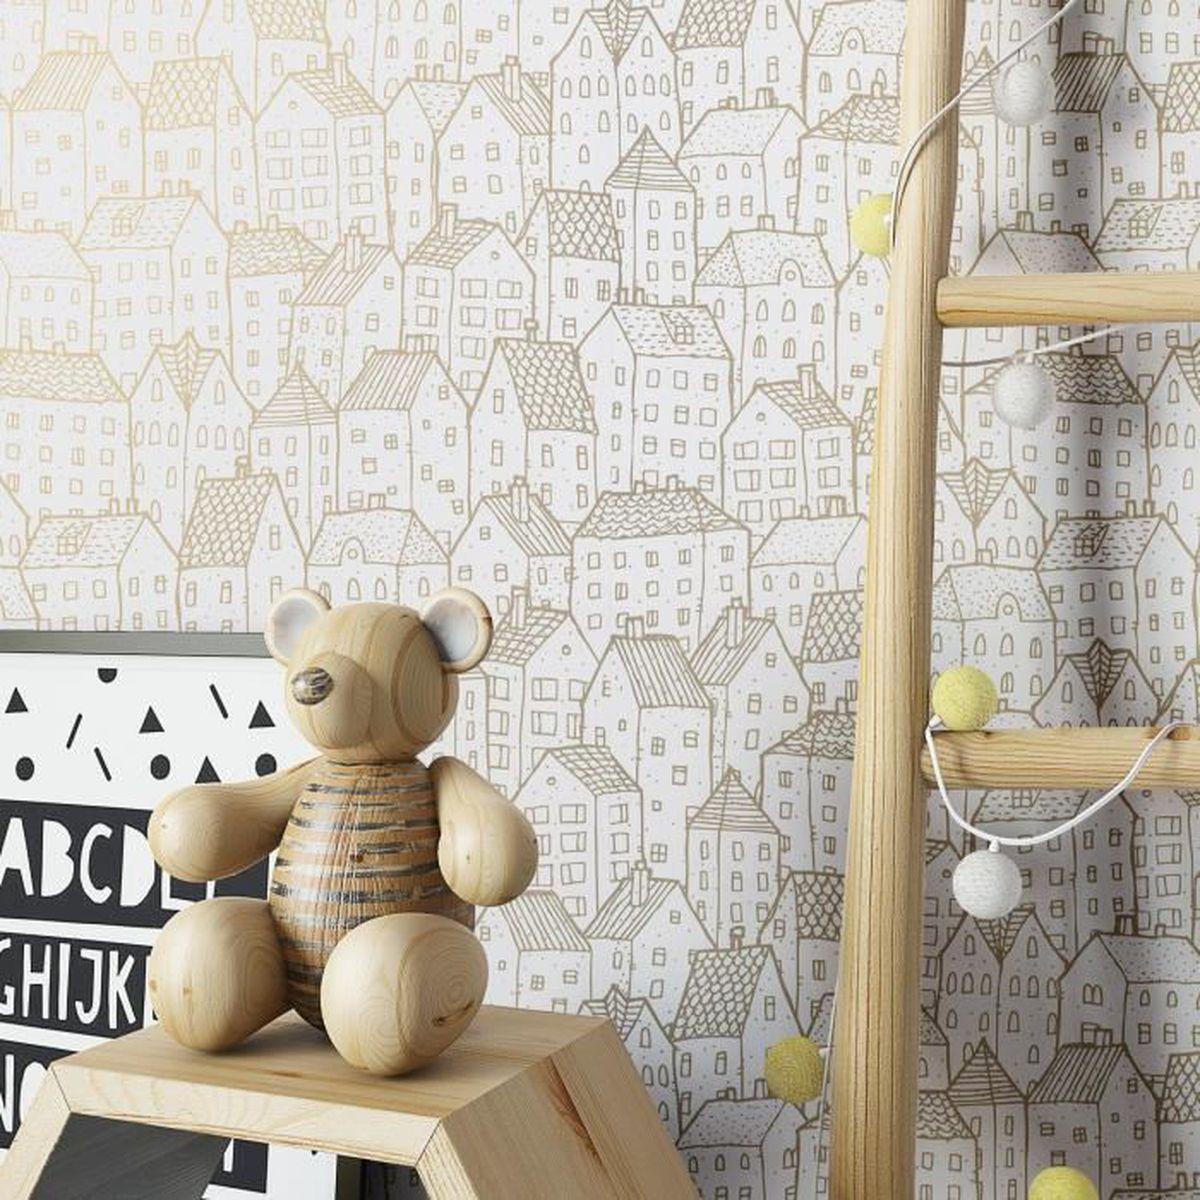 Papier peint chambre de b b enfants blanc moderne lavable lisse achat vente papier peint - Papier peint chambre bebe ...